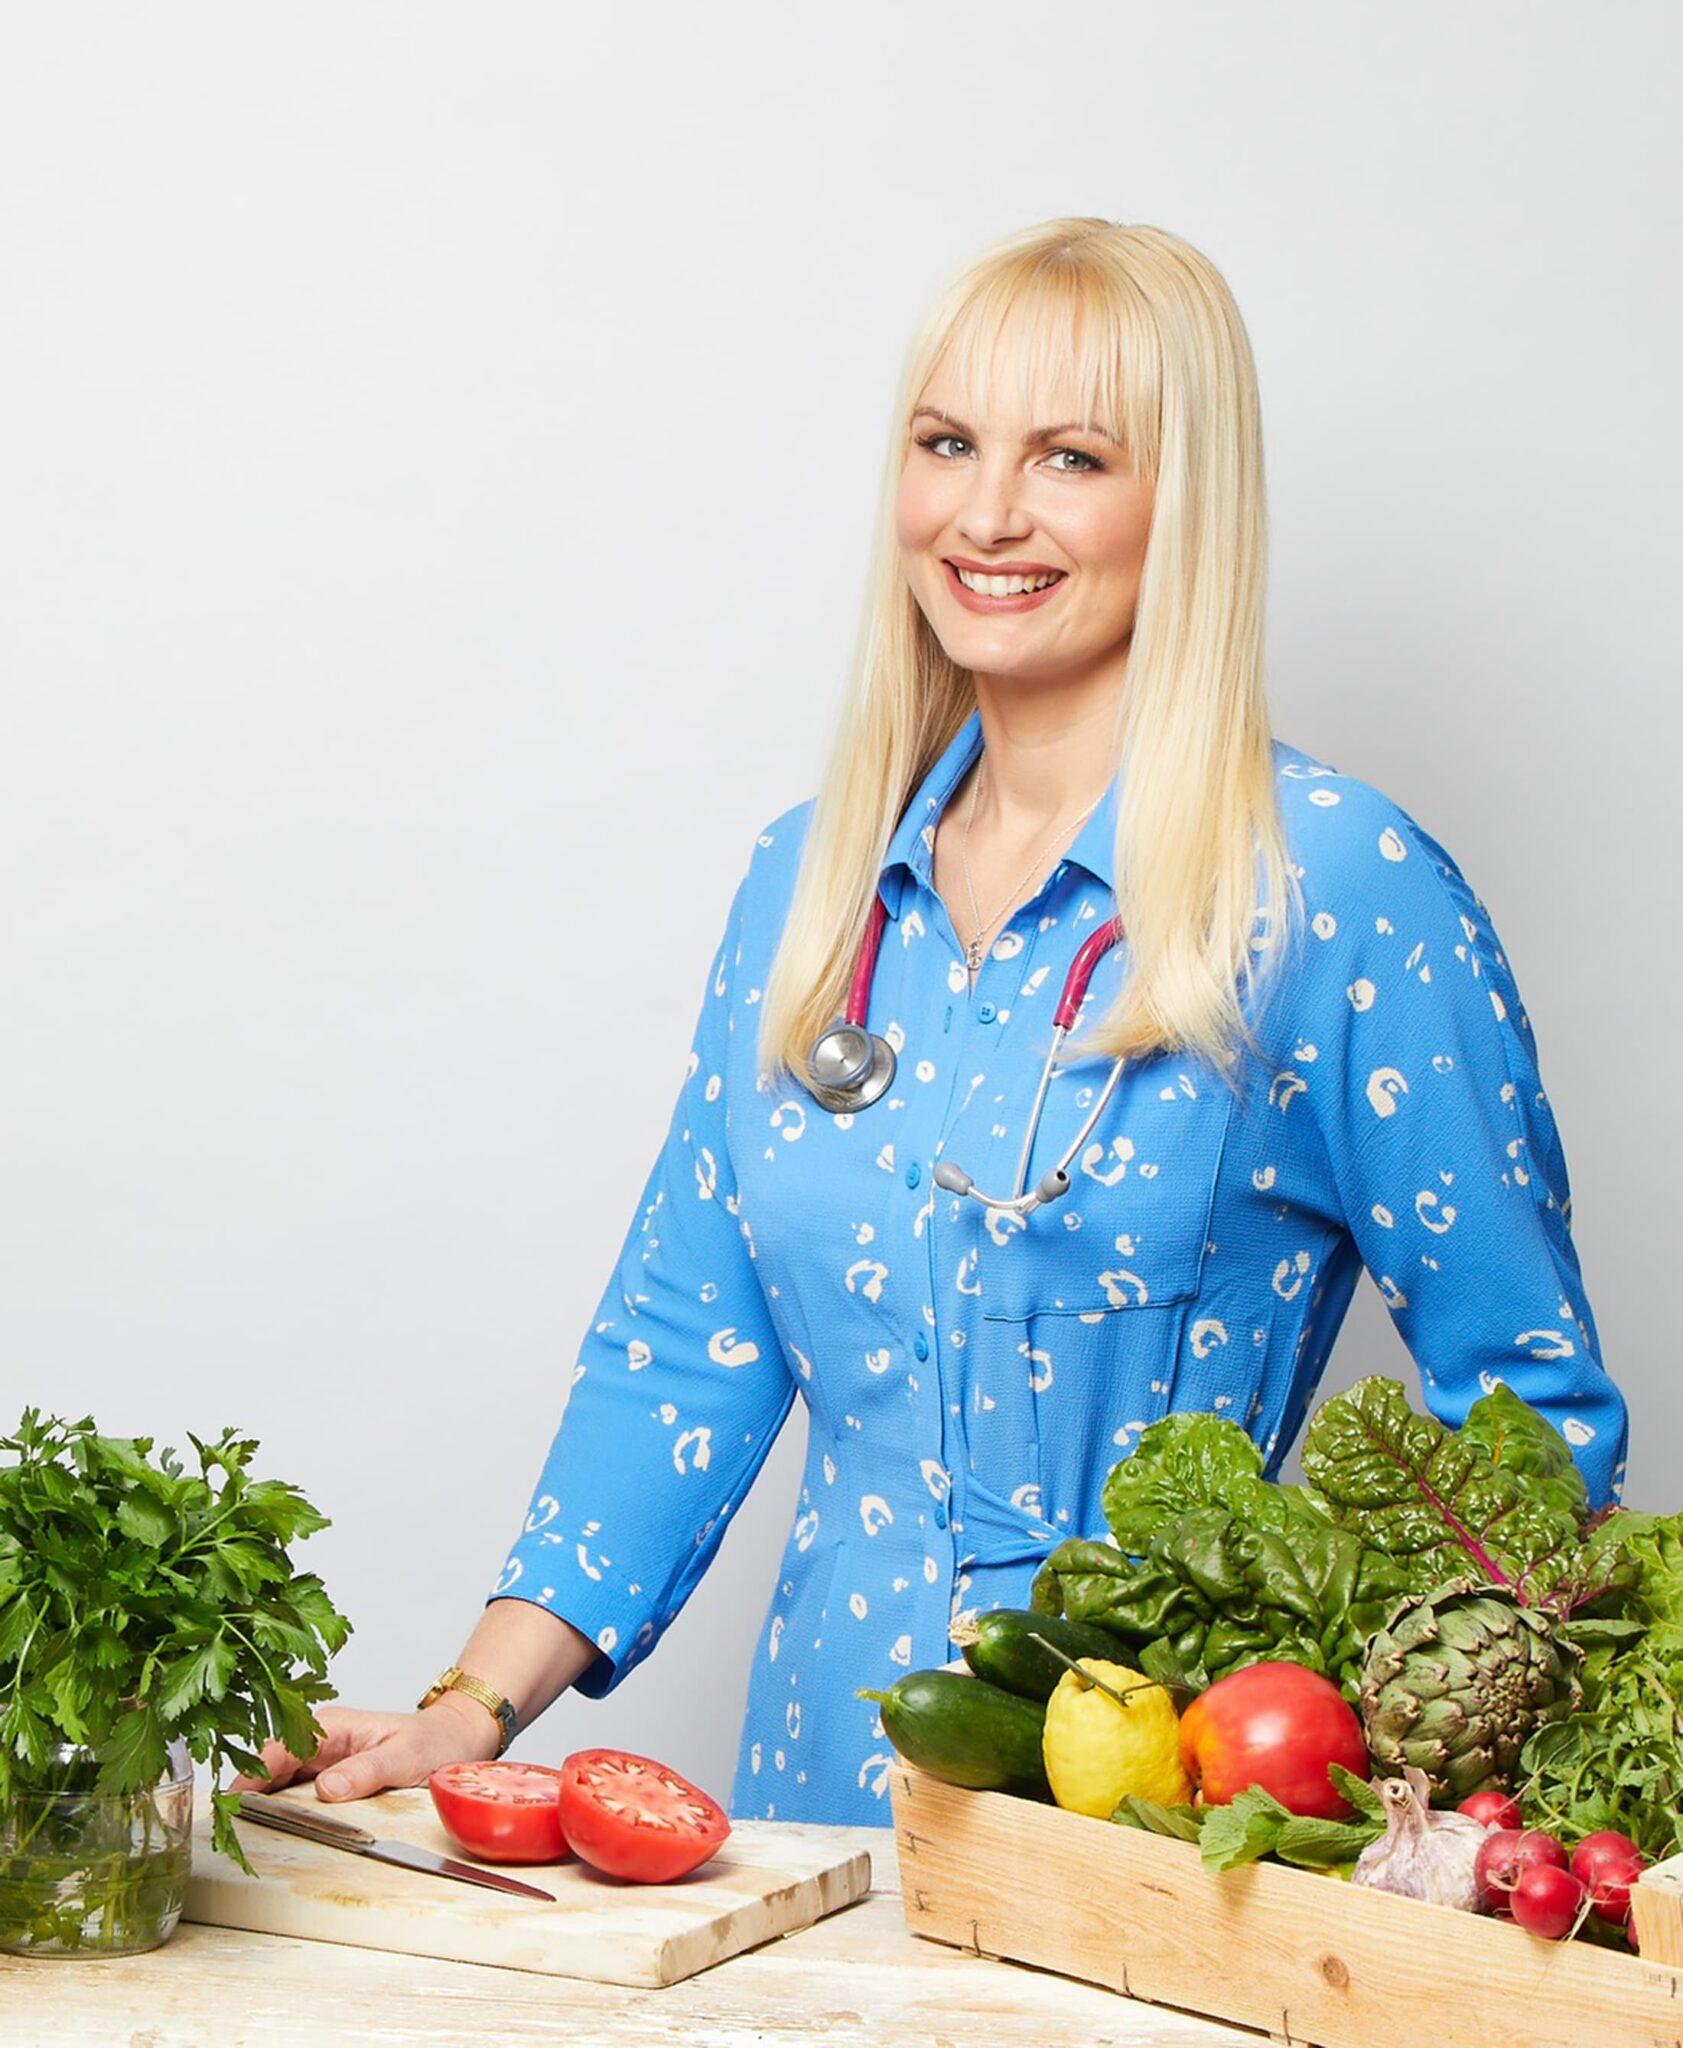 Wholefood Plant-Based Diet